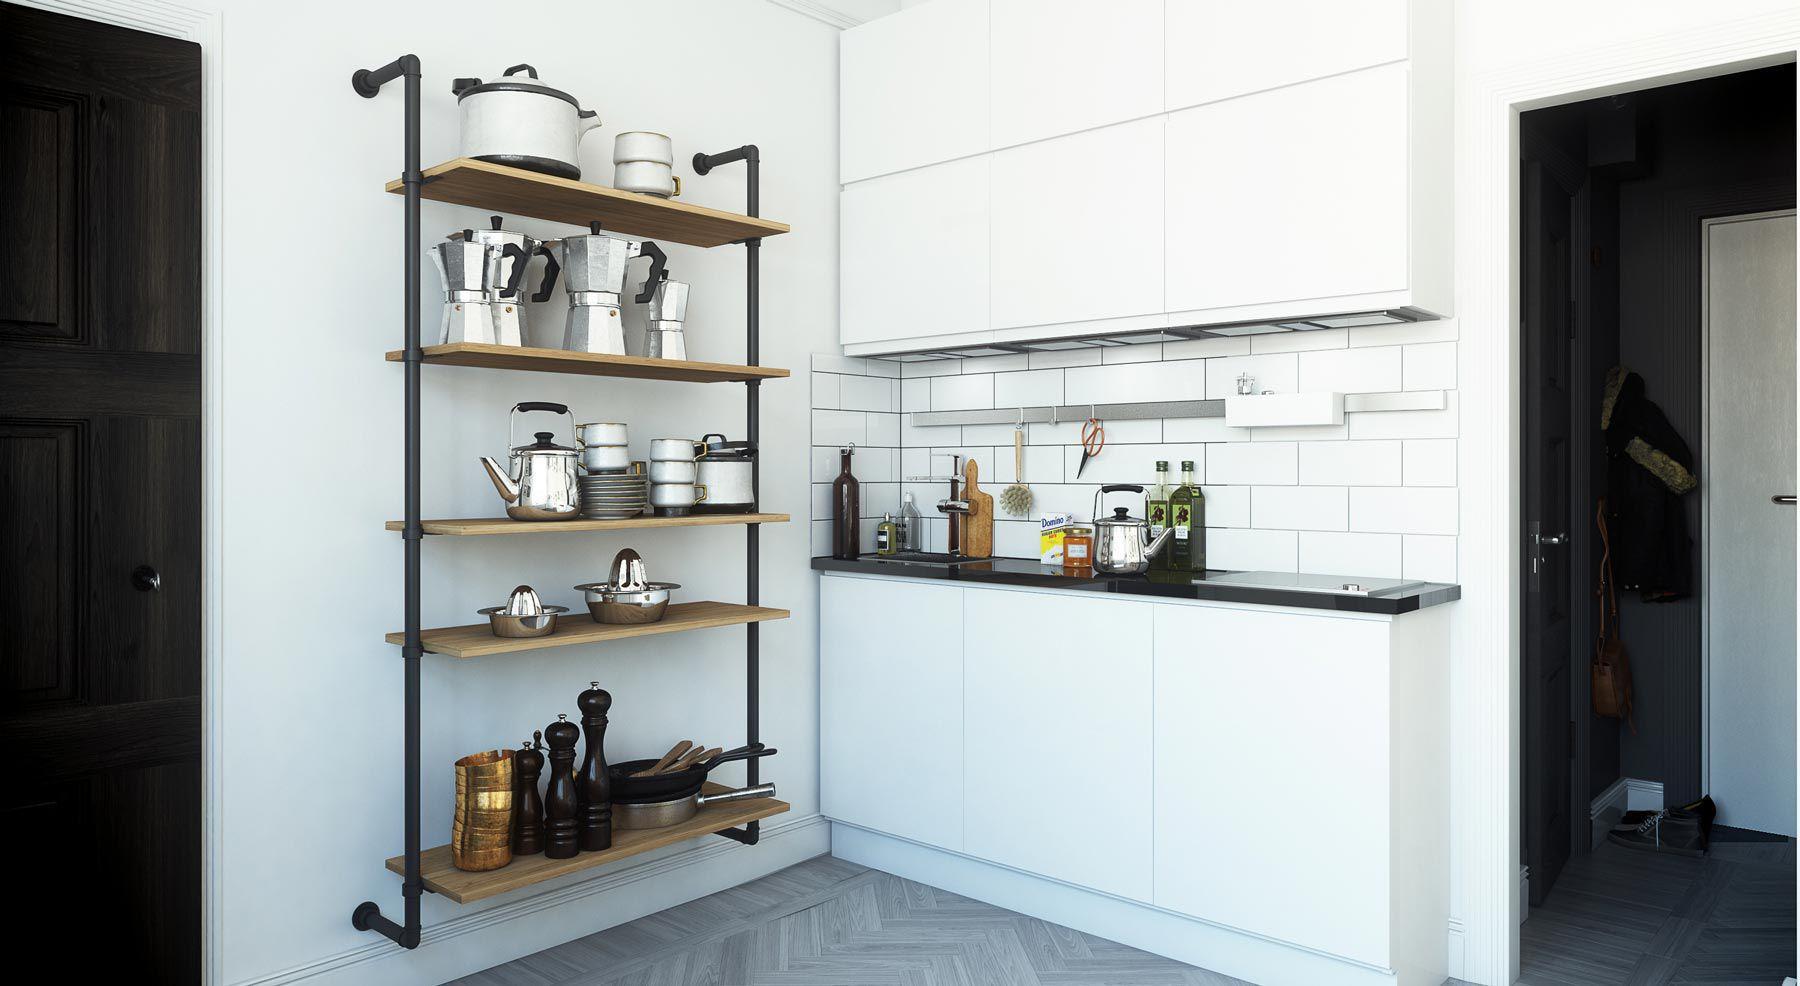 Cool Küche Industriedesign Ideen Von Wandmontiertes Regal / Modul / / Holz